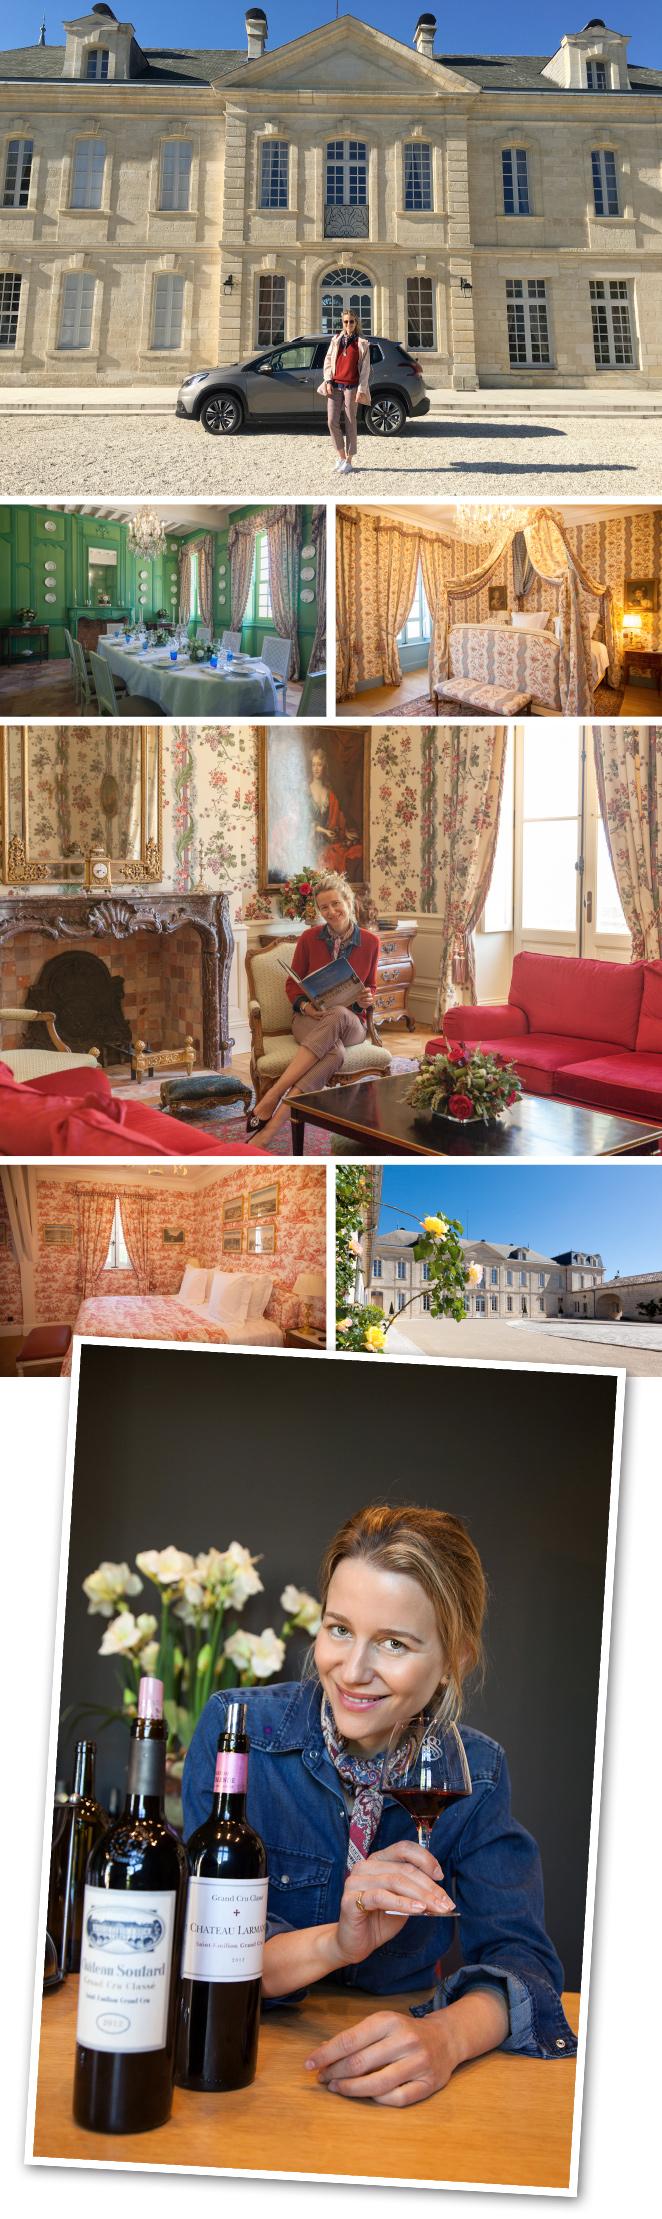 Soutard cuya casa es del siglo XVIII y cuenta con cuatro habitaciones y una bodega con añadas de 1924 a 1964).